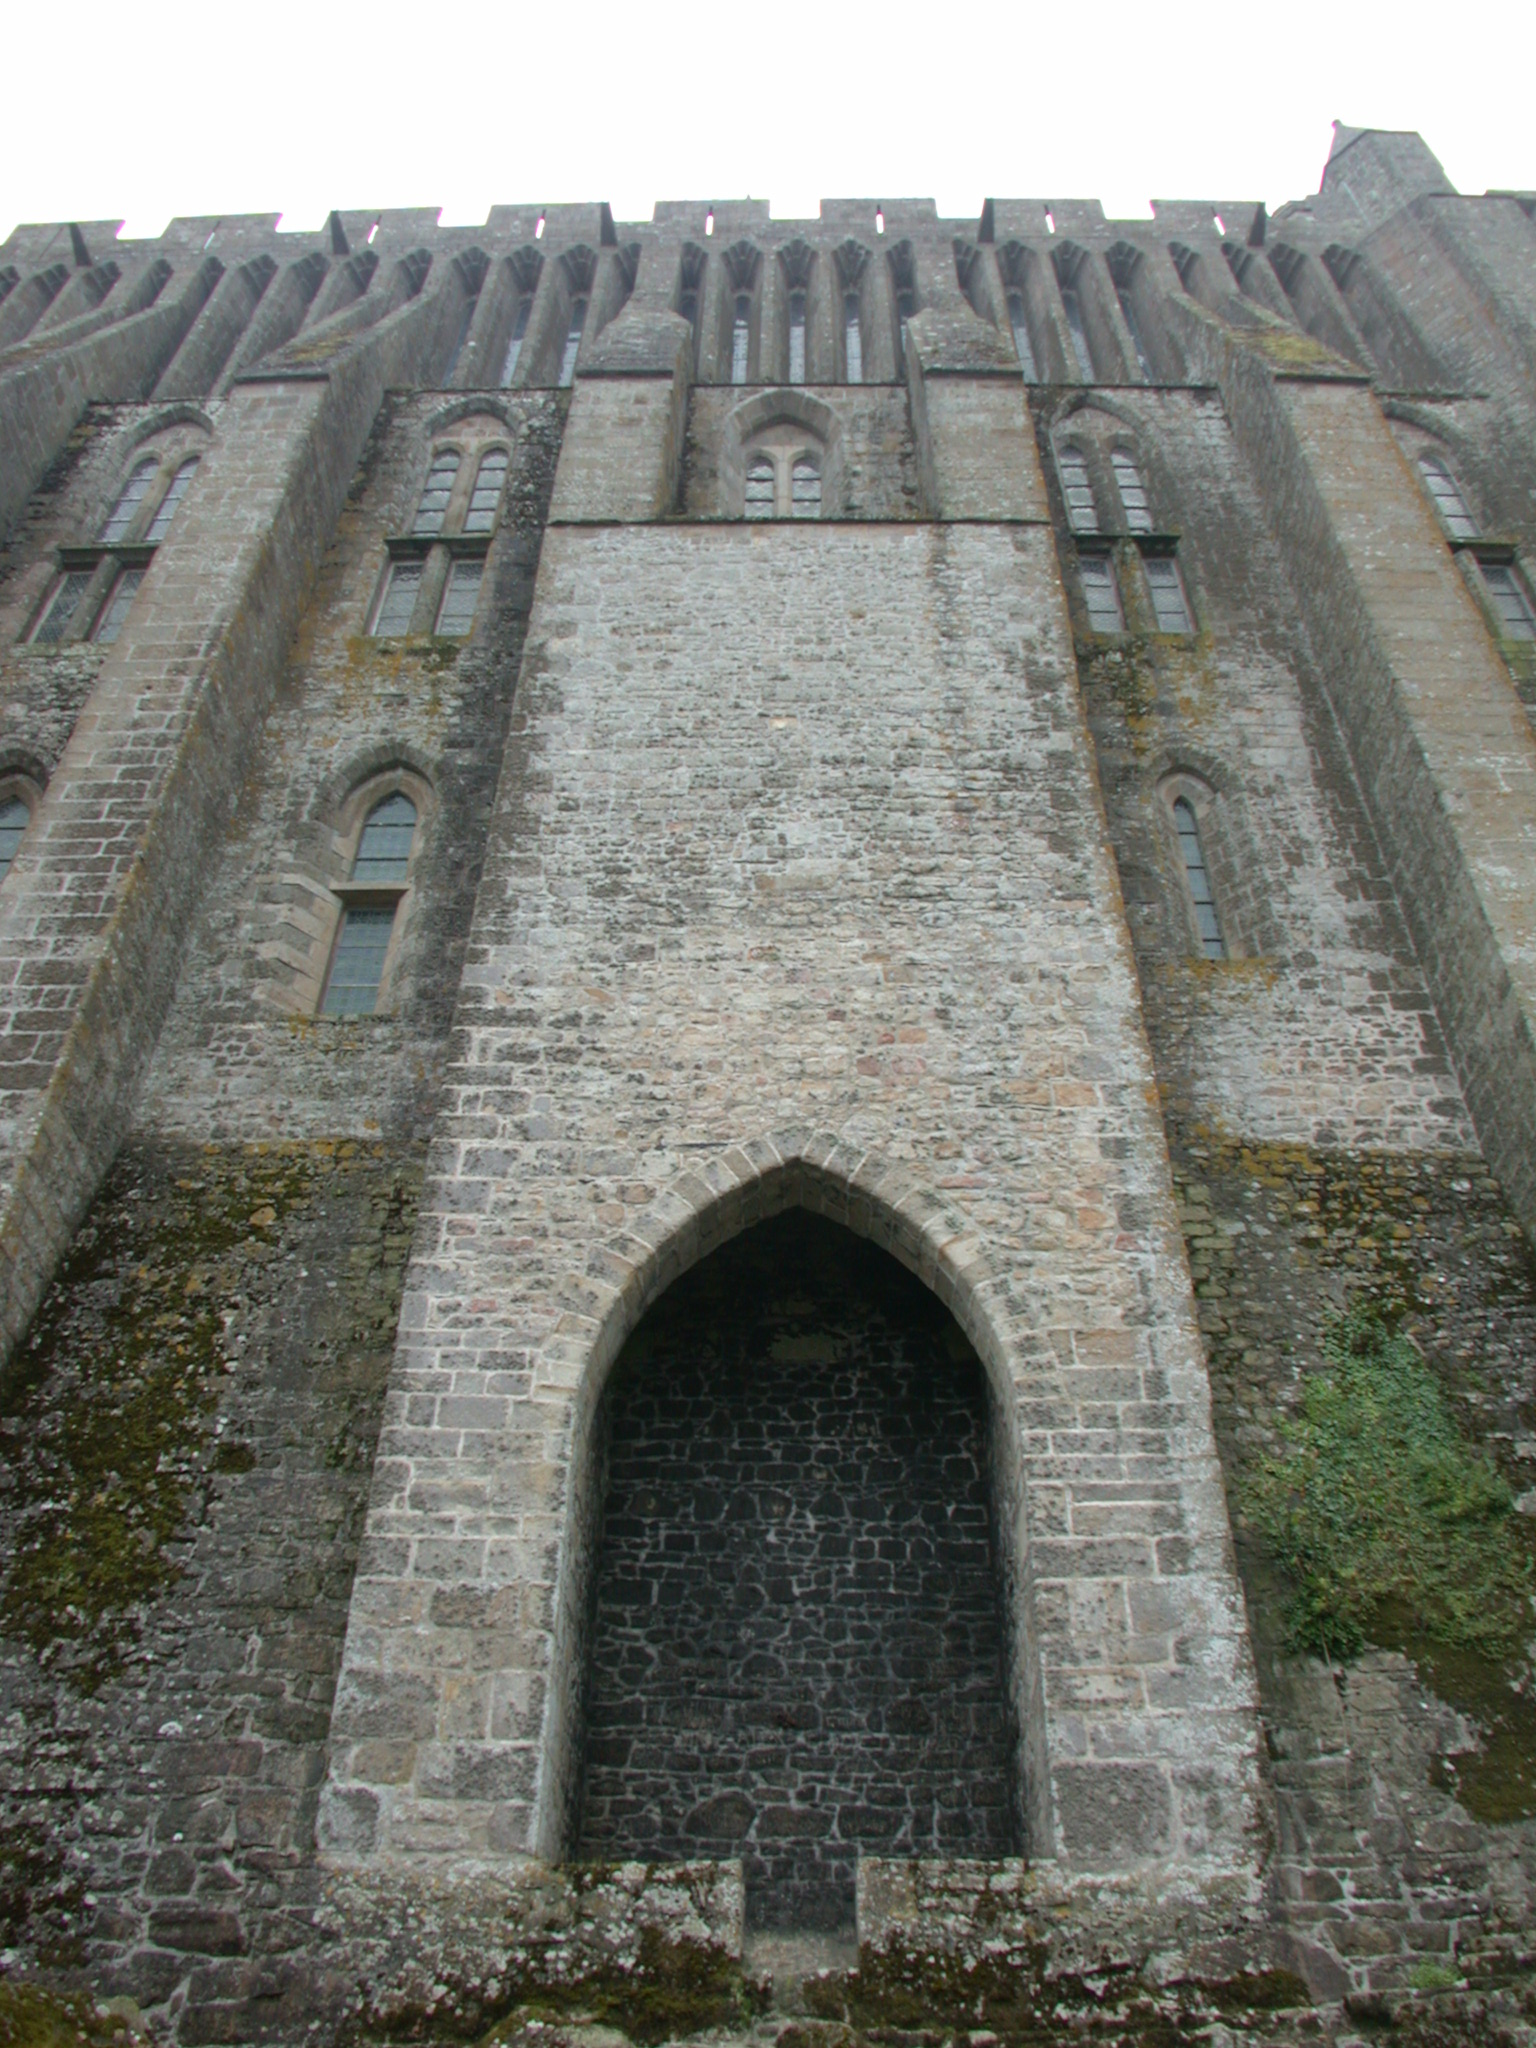 castle wall door arcs grey defence